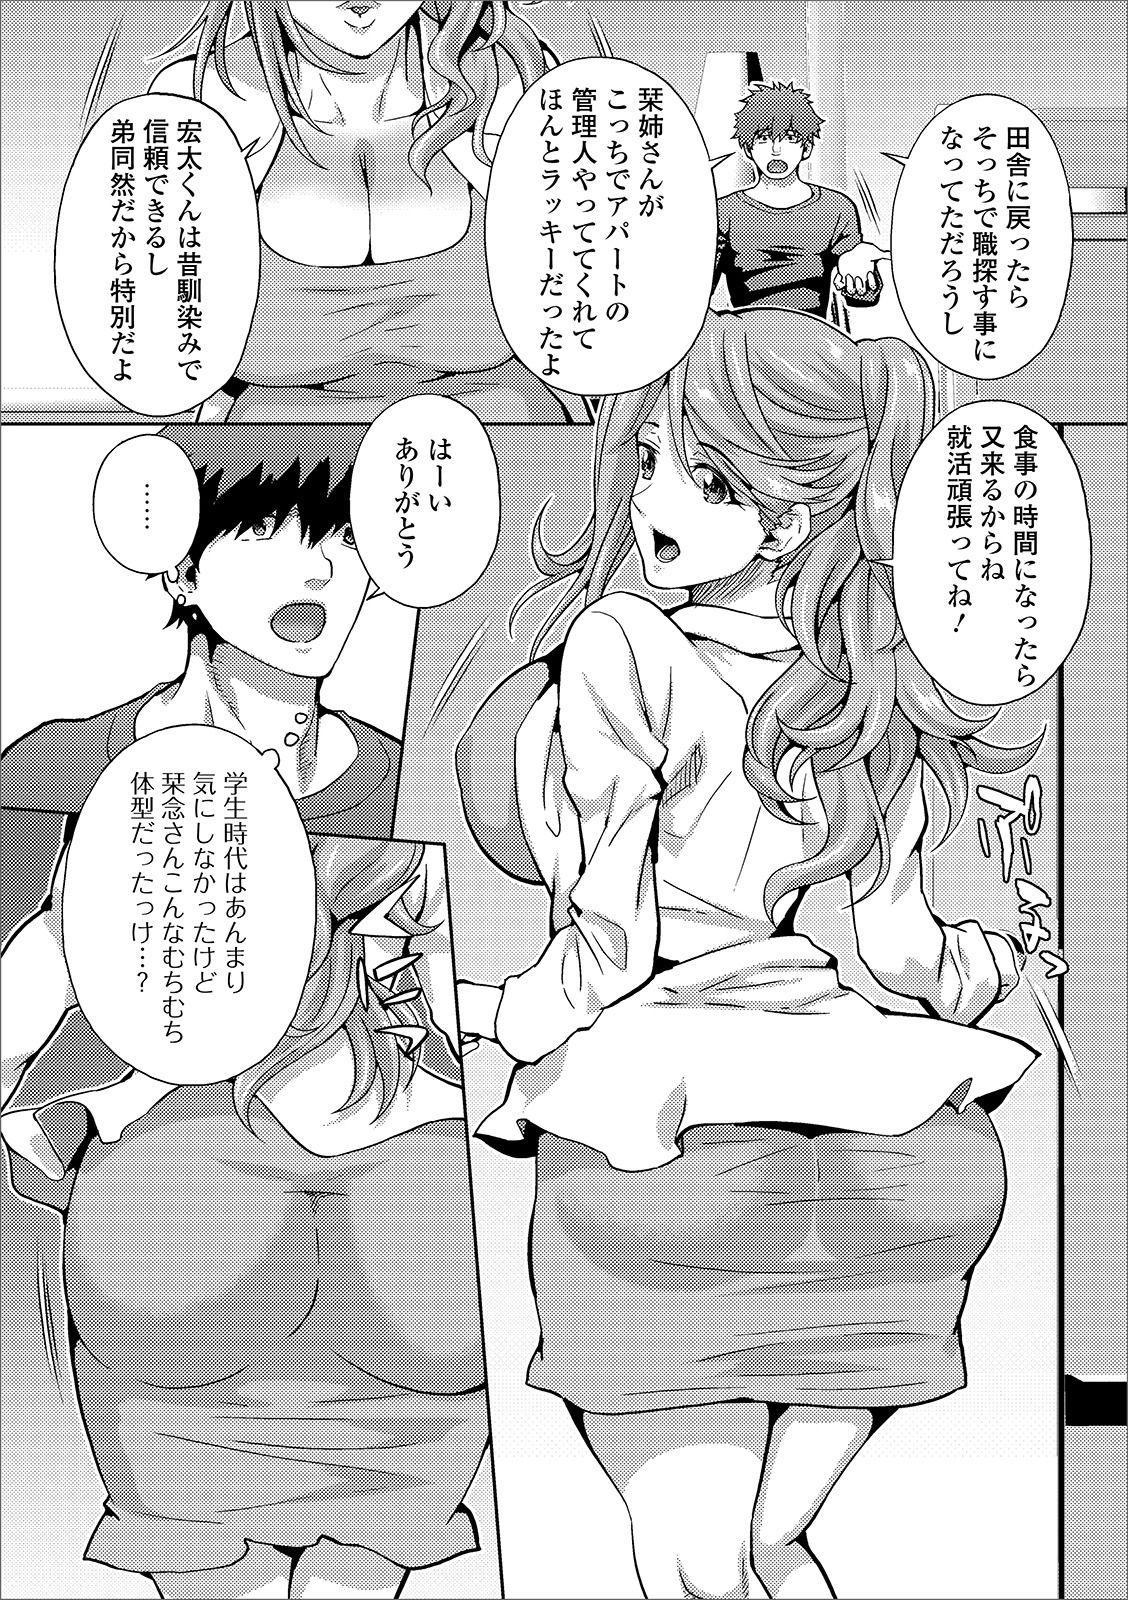 Web Haishin Gekkan Tonari no Kininaru Oku-san Vol. 033 27